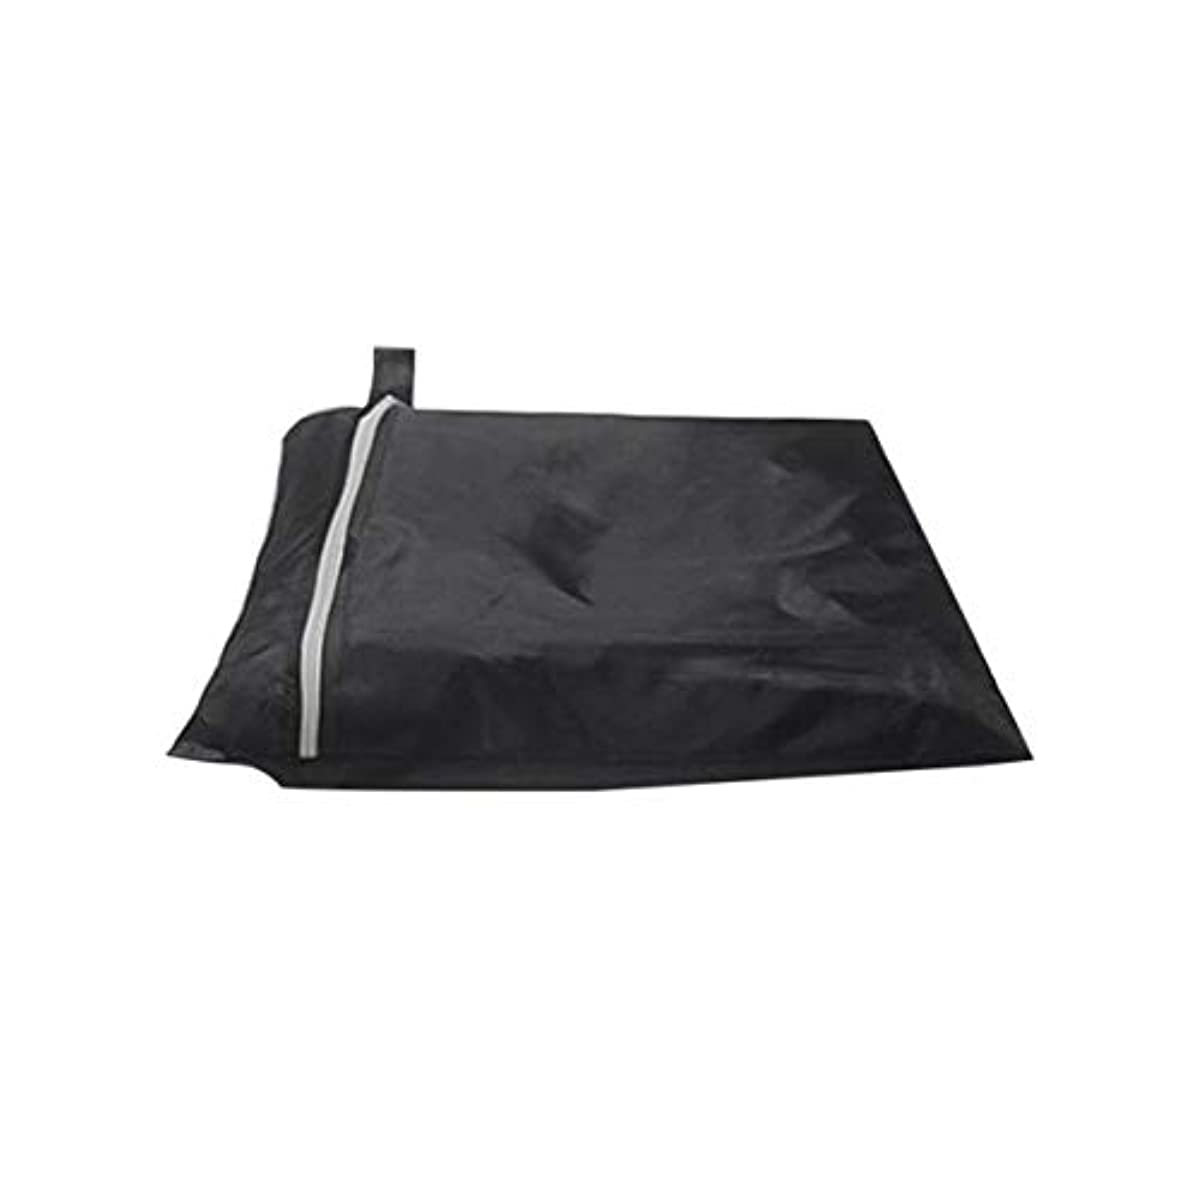 ガスバーベキューグリルのための防雨防水バーベキューカバー屋外ストレージ大型防塵190Tポリエステル保護カバー-ブラック170 * 61 * 117cm